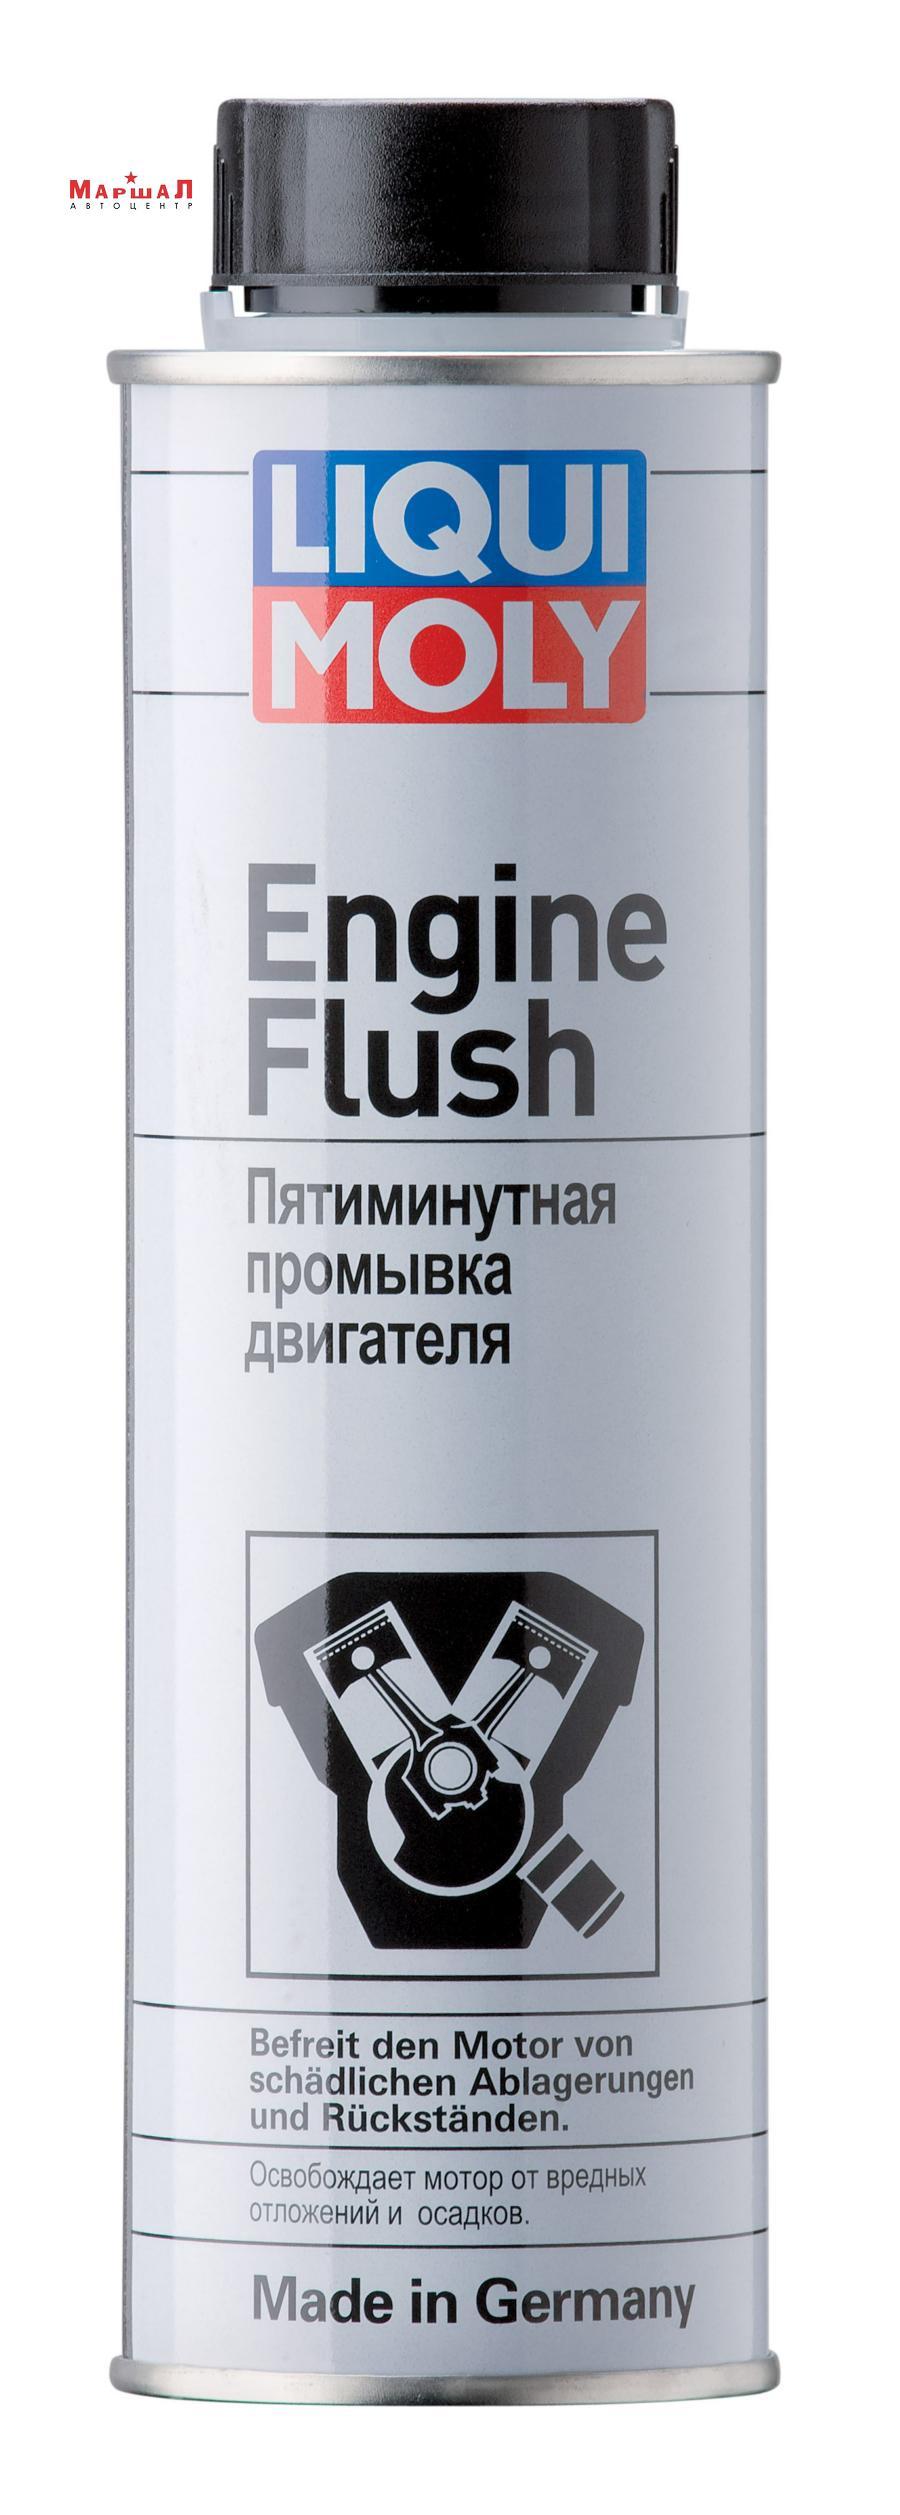 Промывка двигателя 5 минут 0.3л